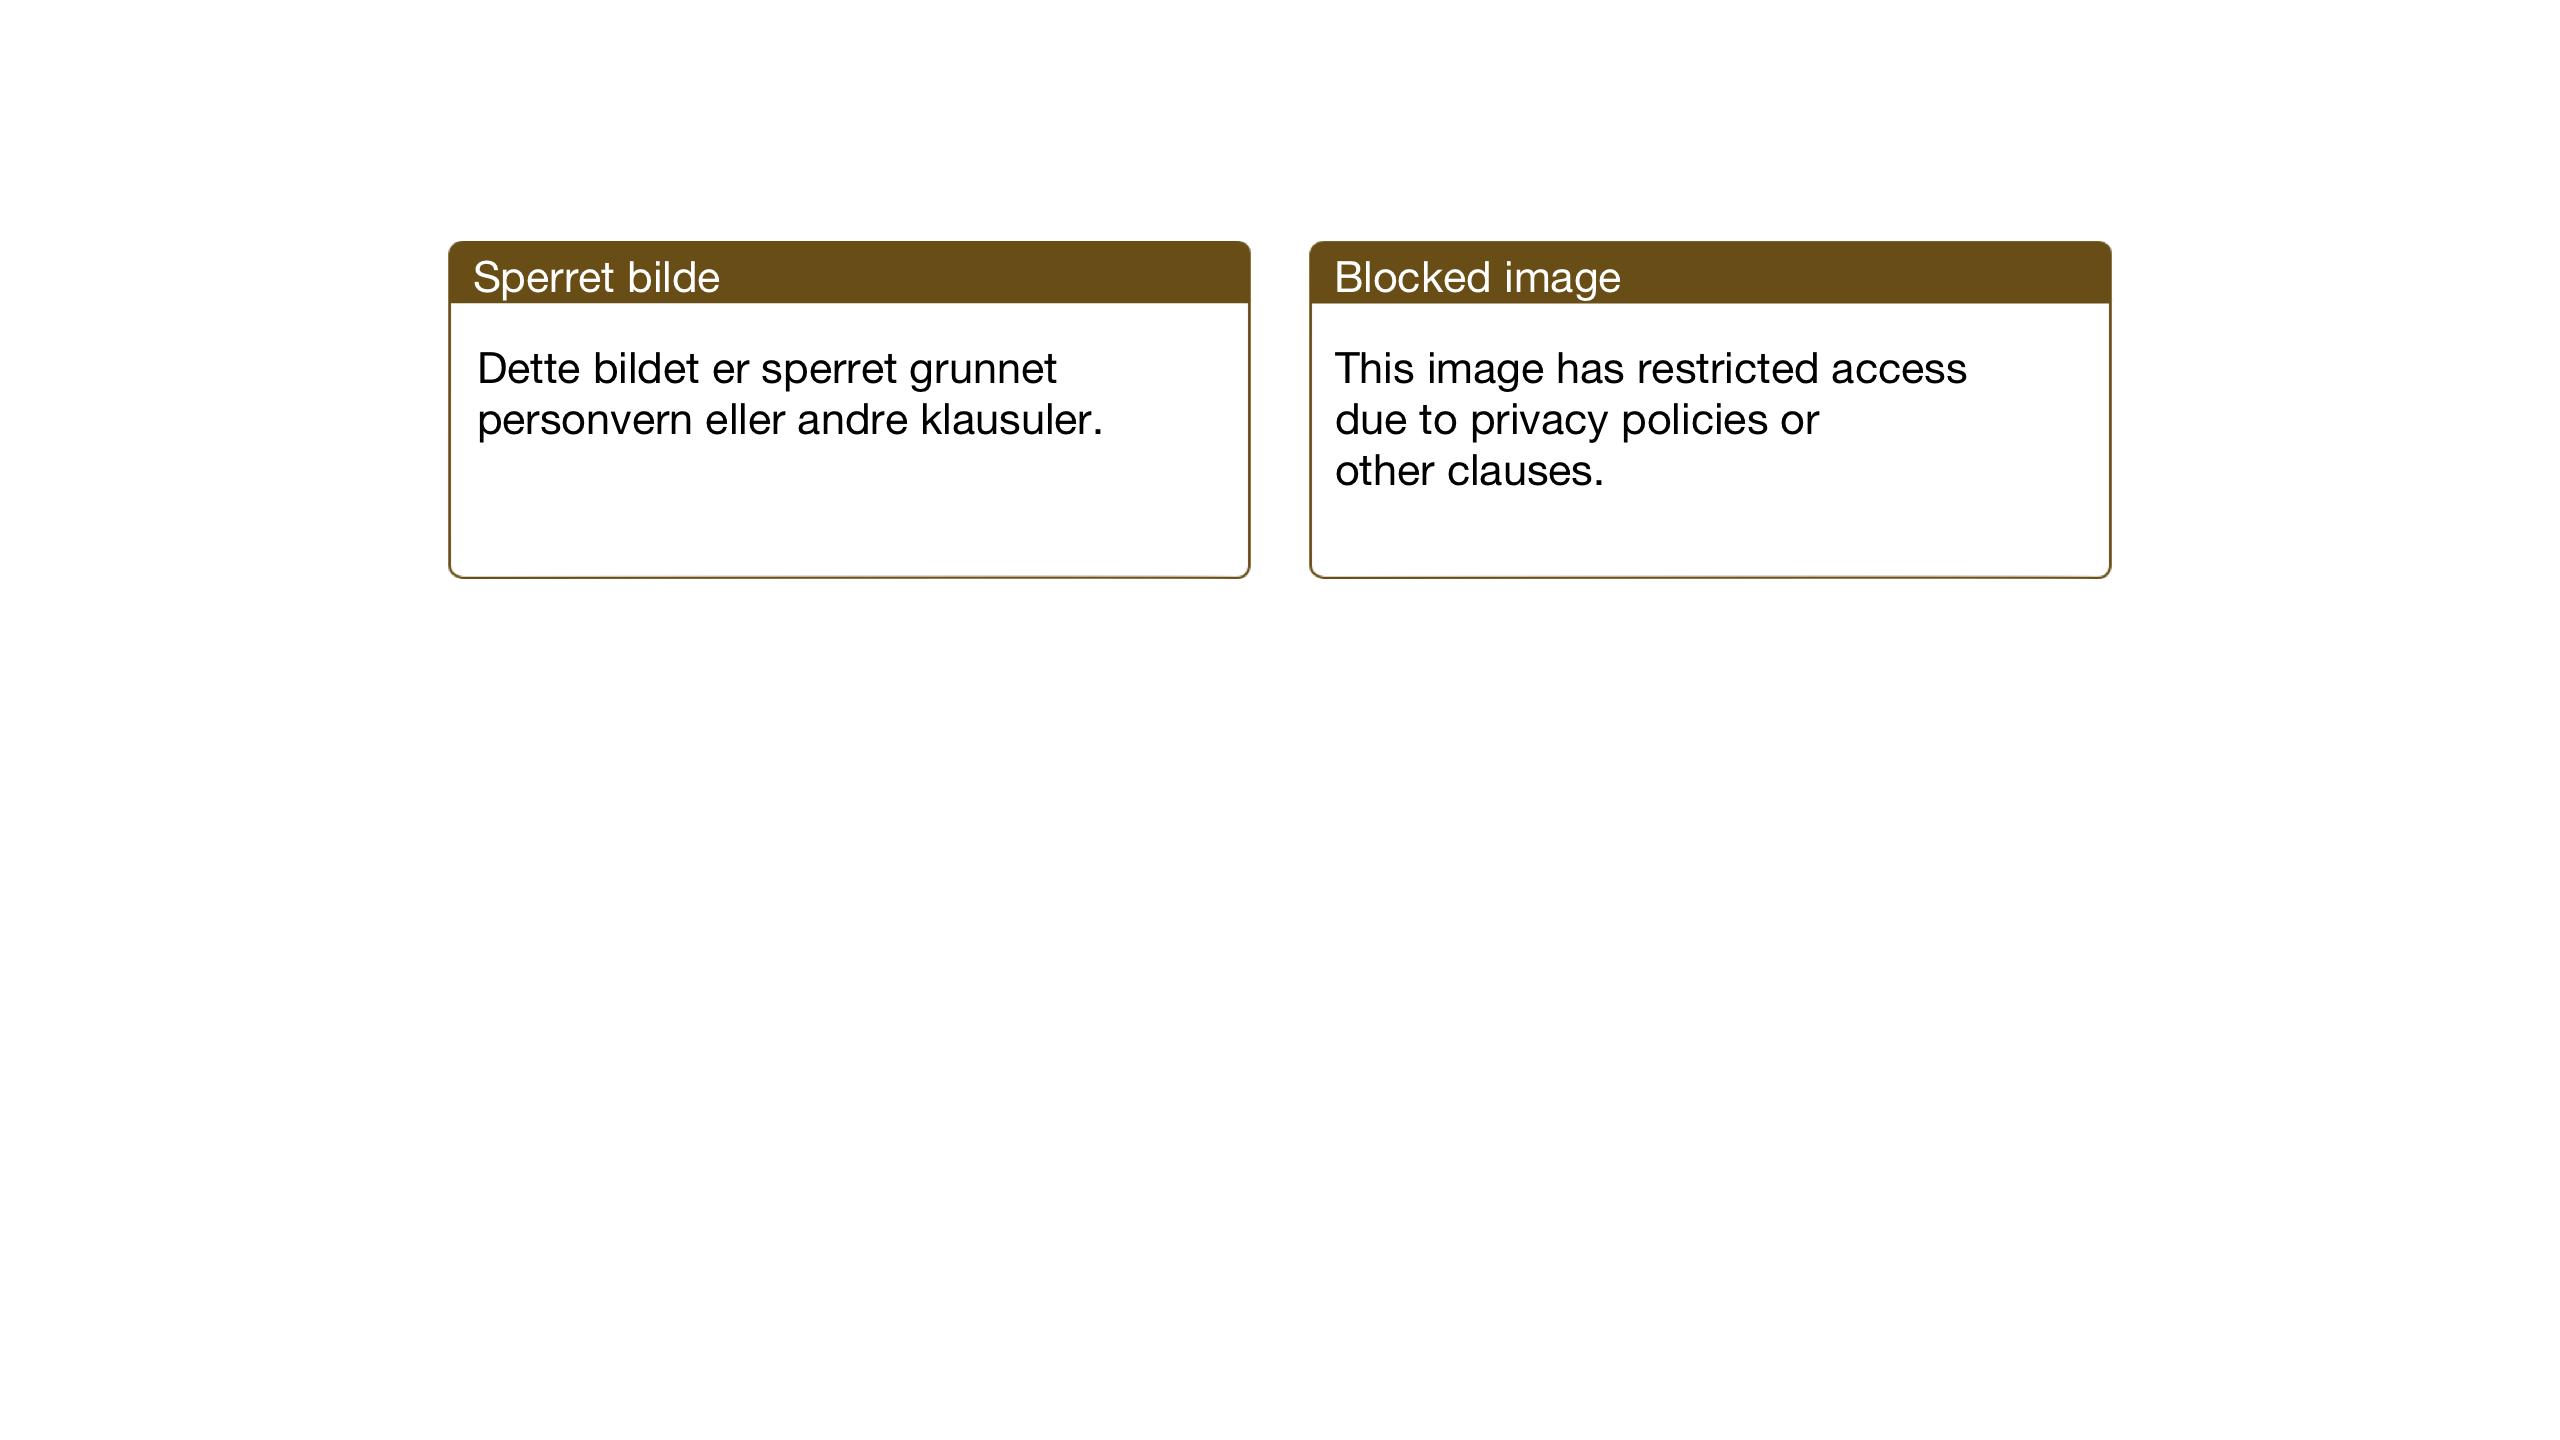 SAT, Ministerialprotokoller, klokkerbøker og fødselsregistre - Sør-Trøndelag, 633/L0521: Klokkerbok nr. 633C03, 1921-1941, s. 99